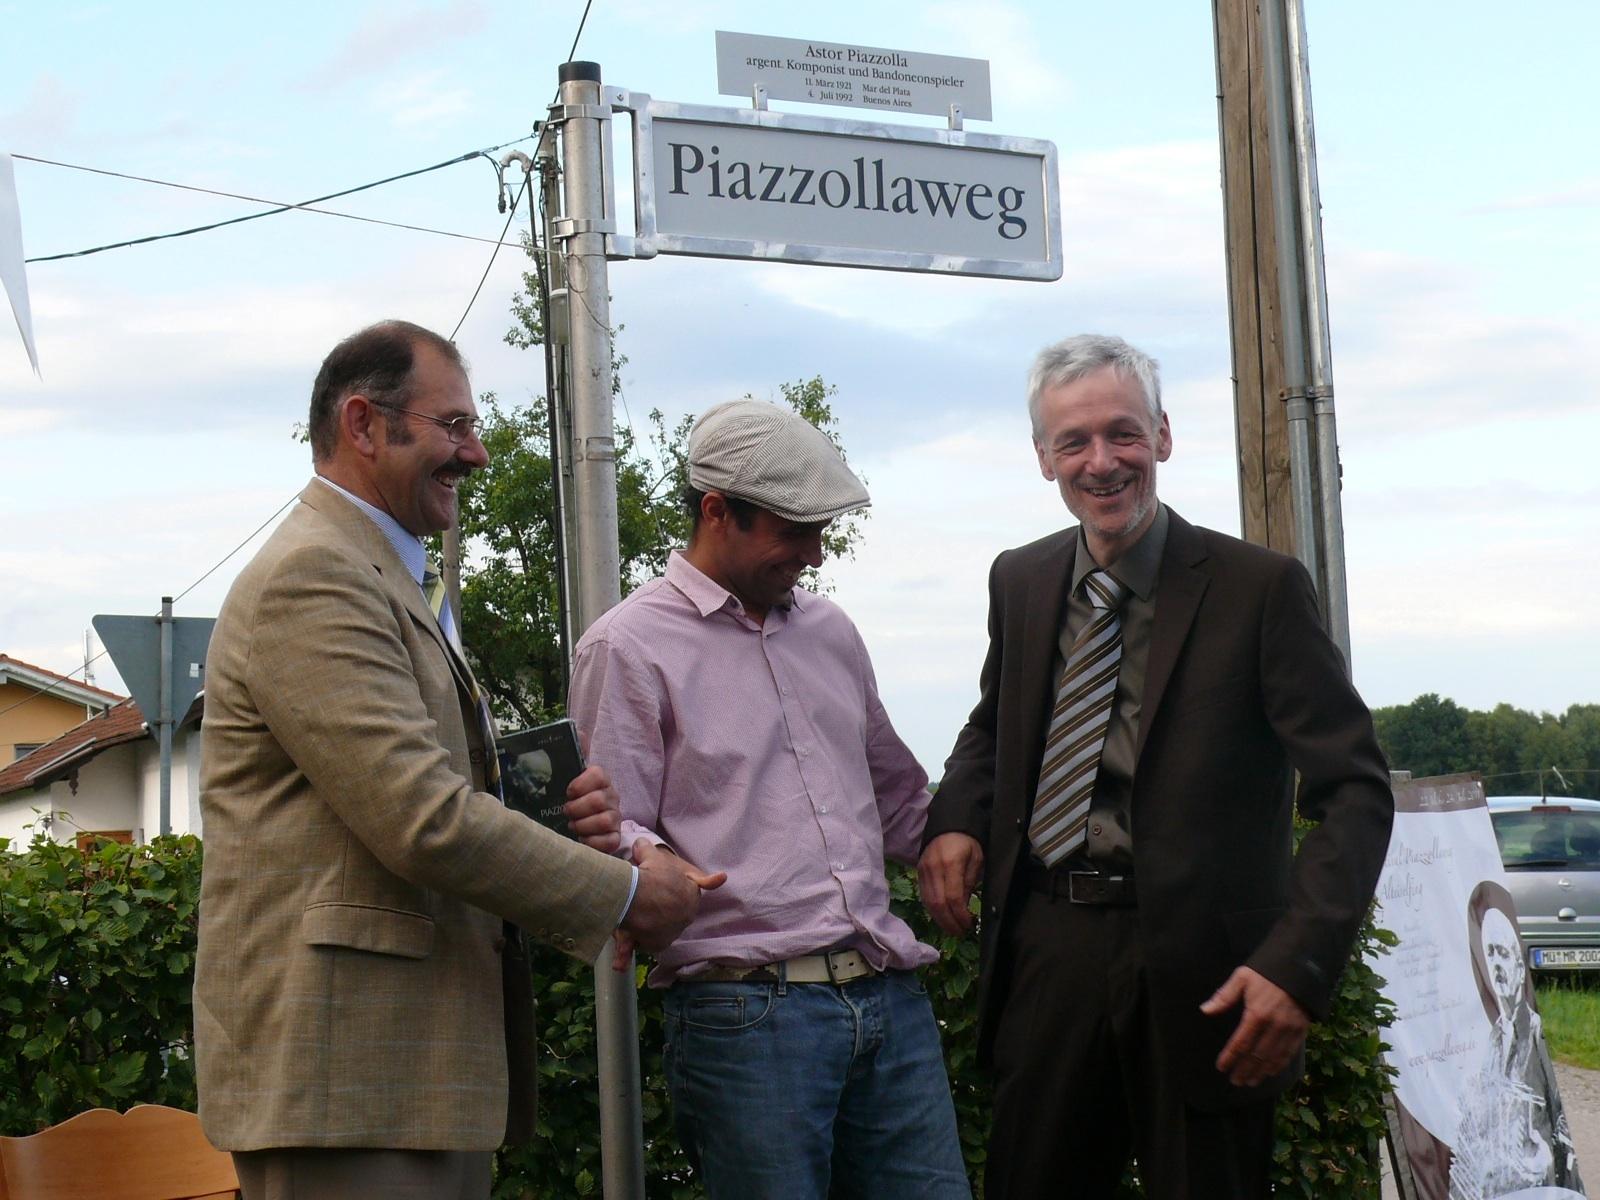 Piazzollaweg Festakt